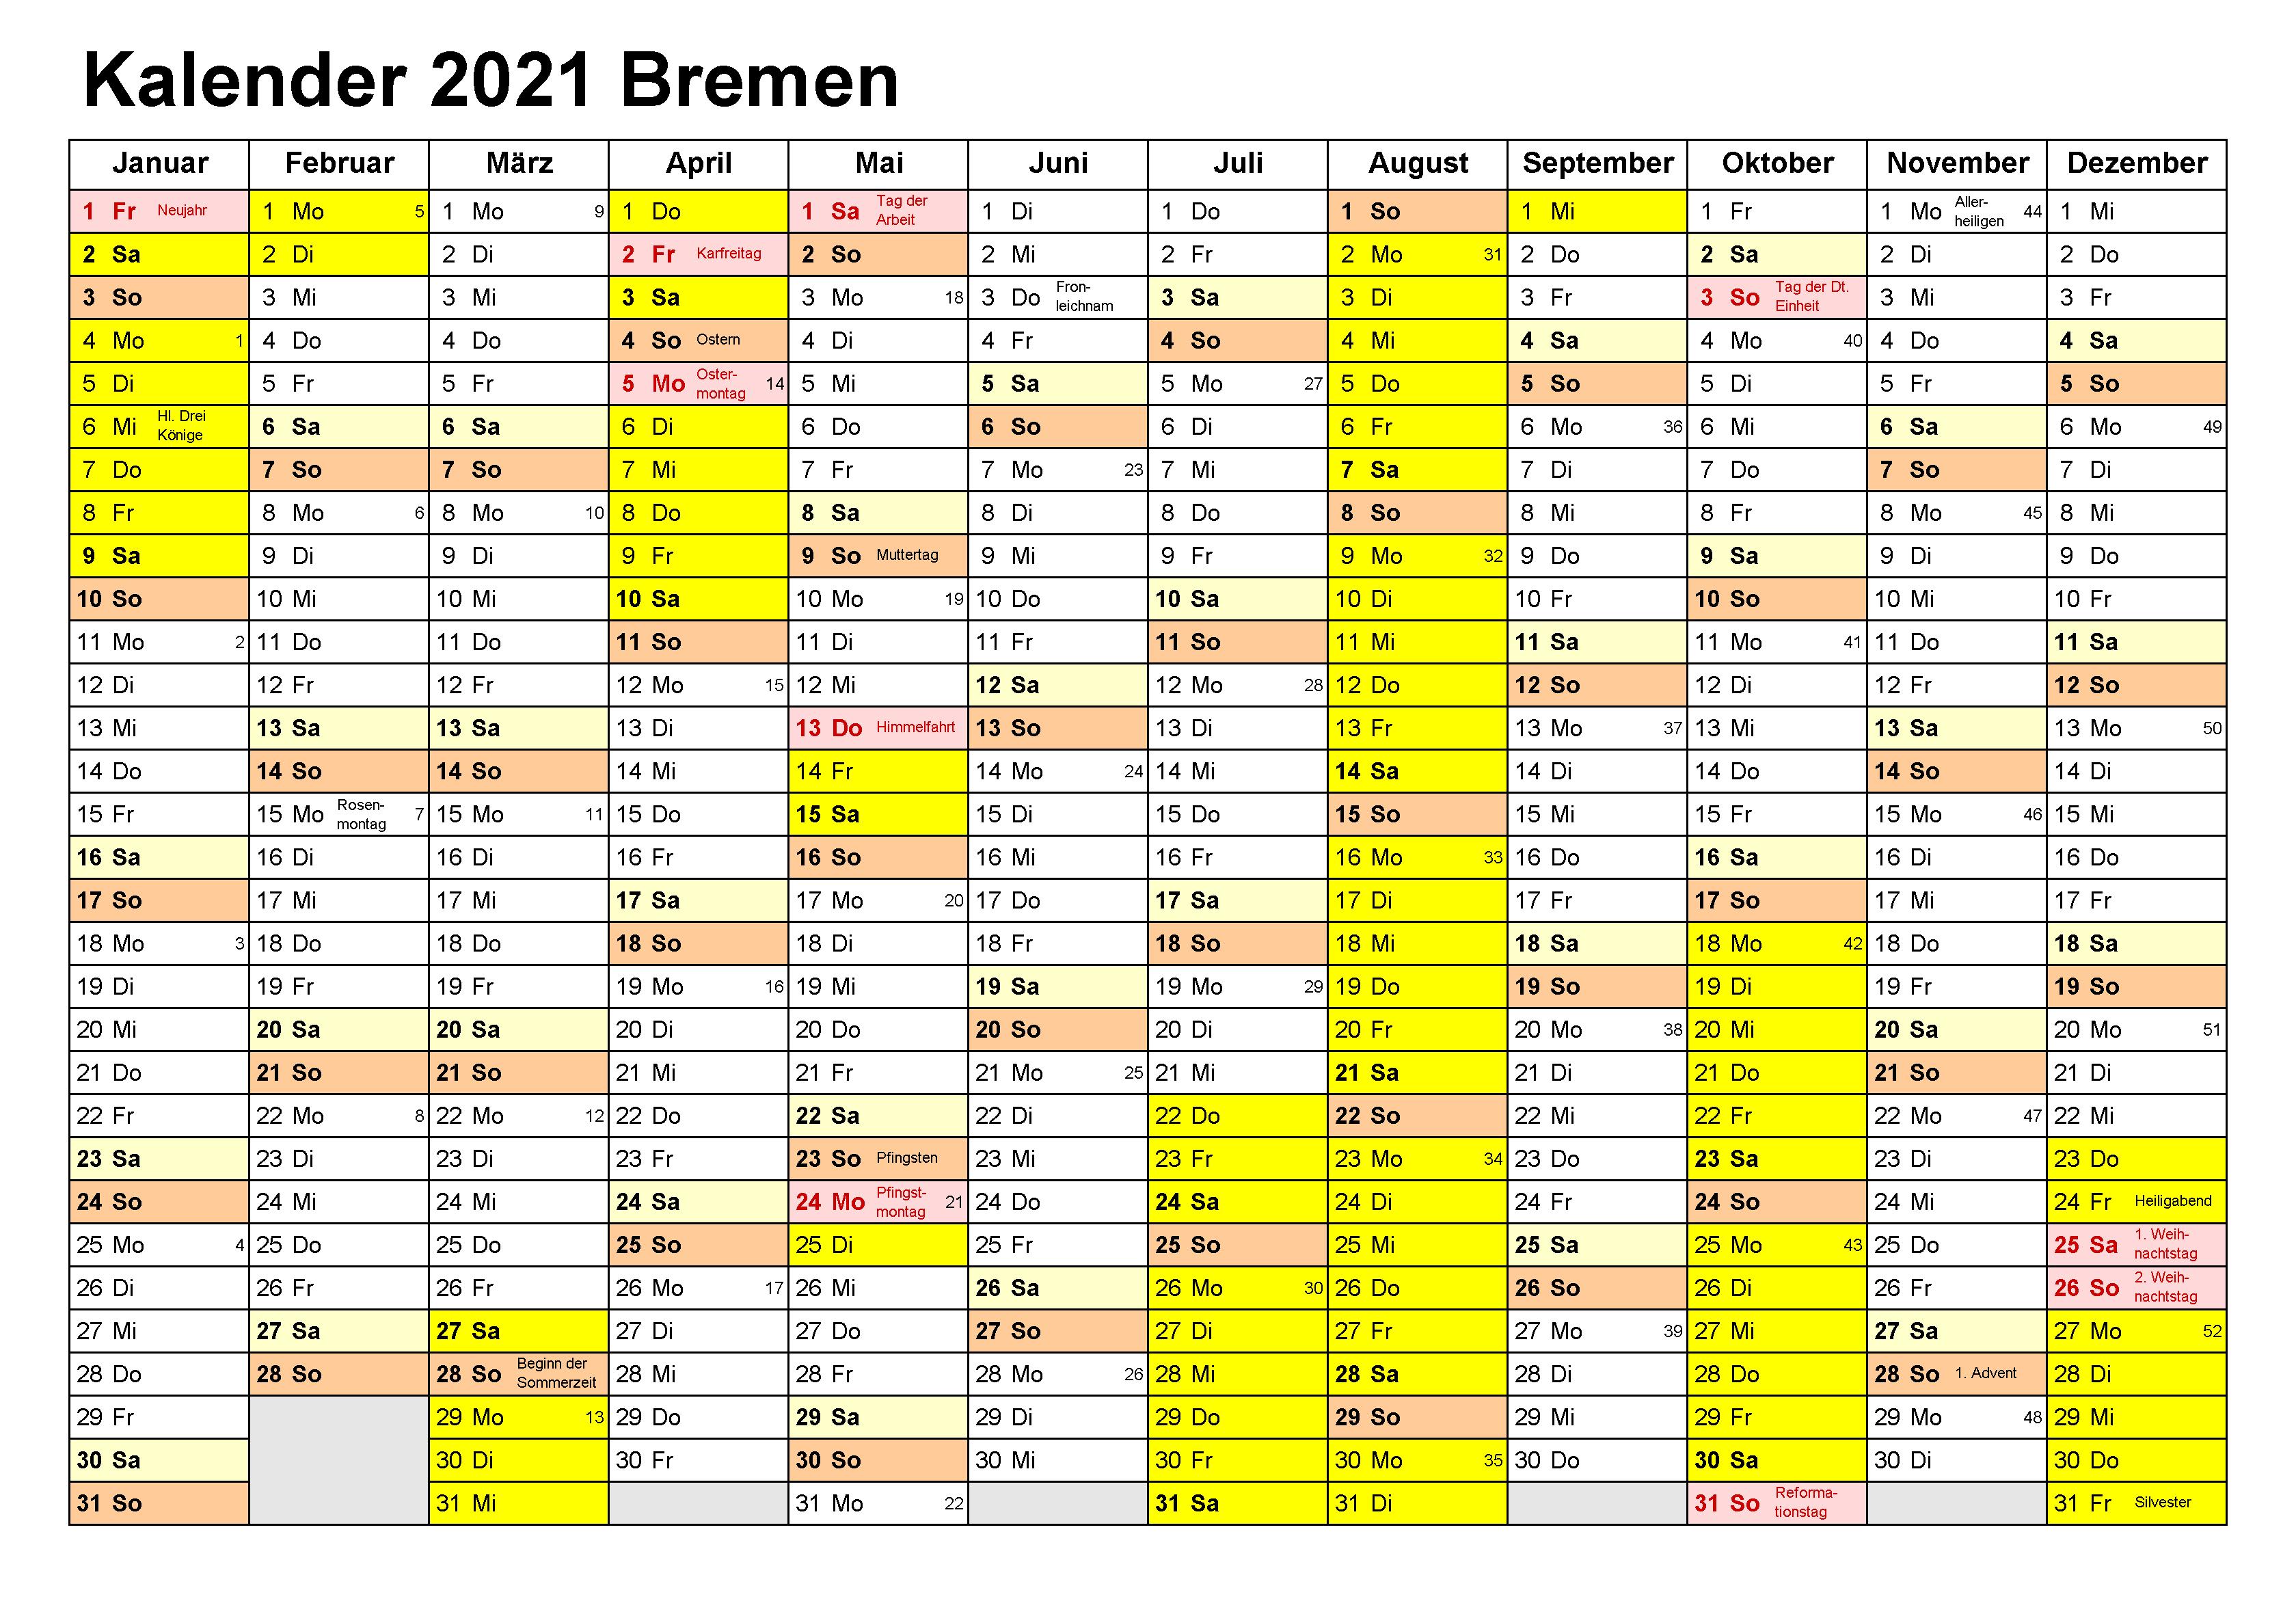 Kalender Bremen 2021 Zum Ausdrucken